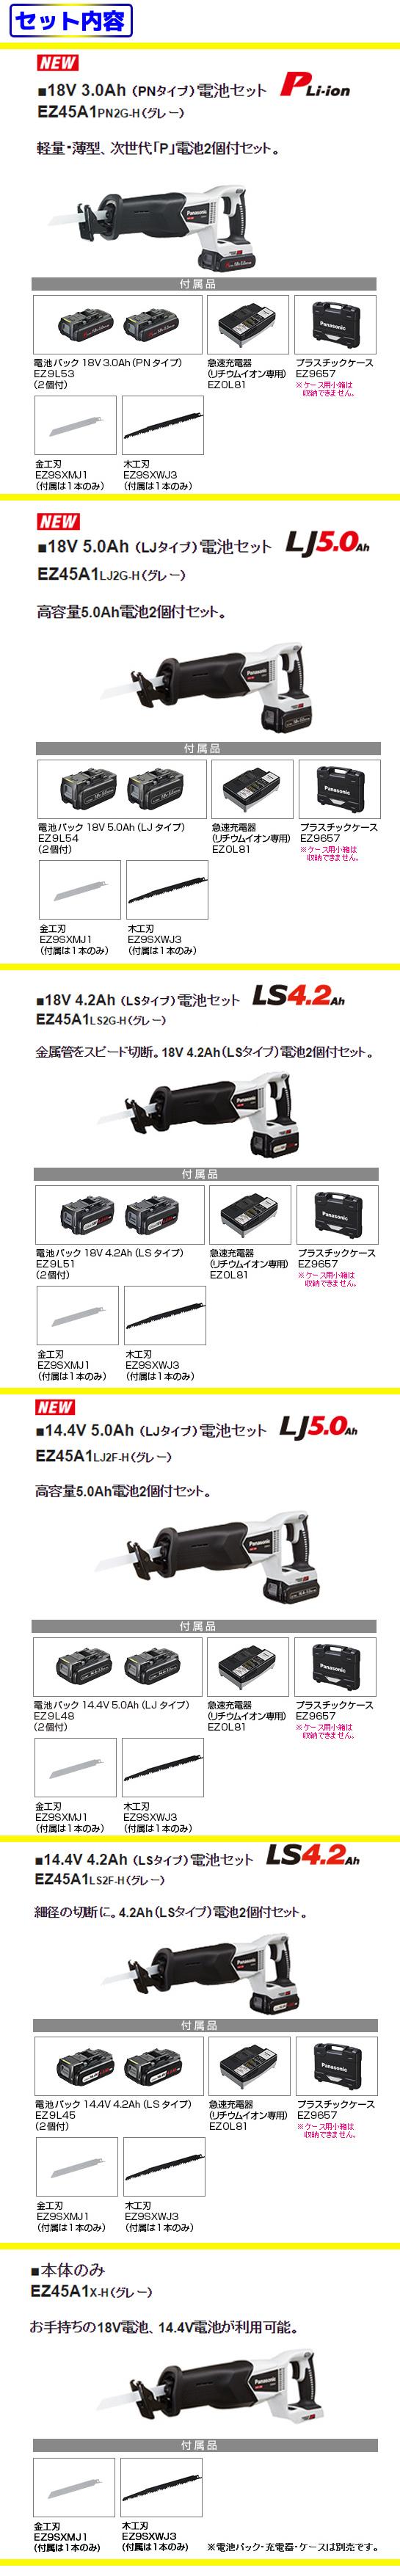 パナソニック 充電レシプロソー EZ45A1